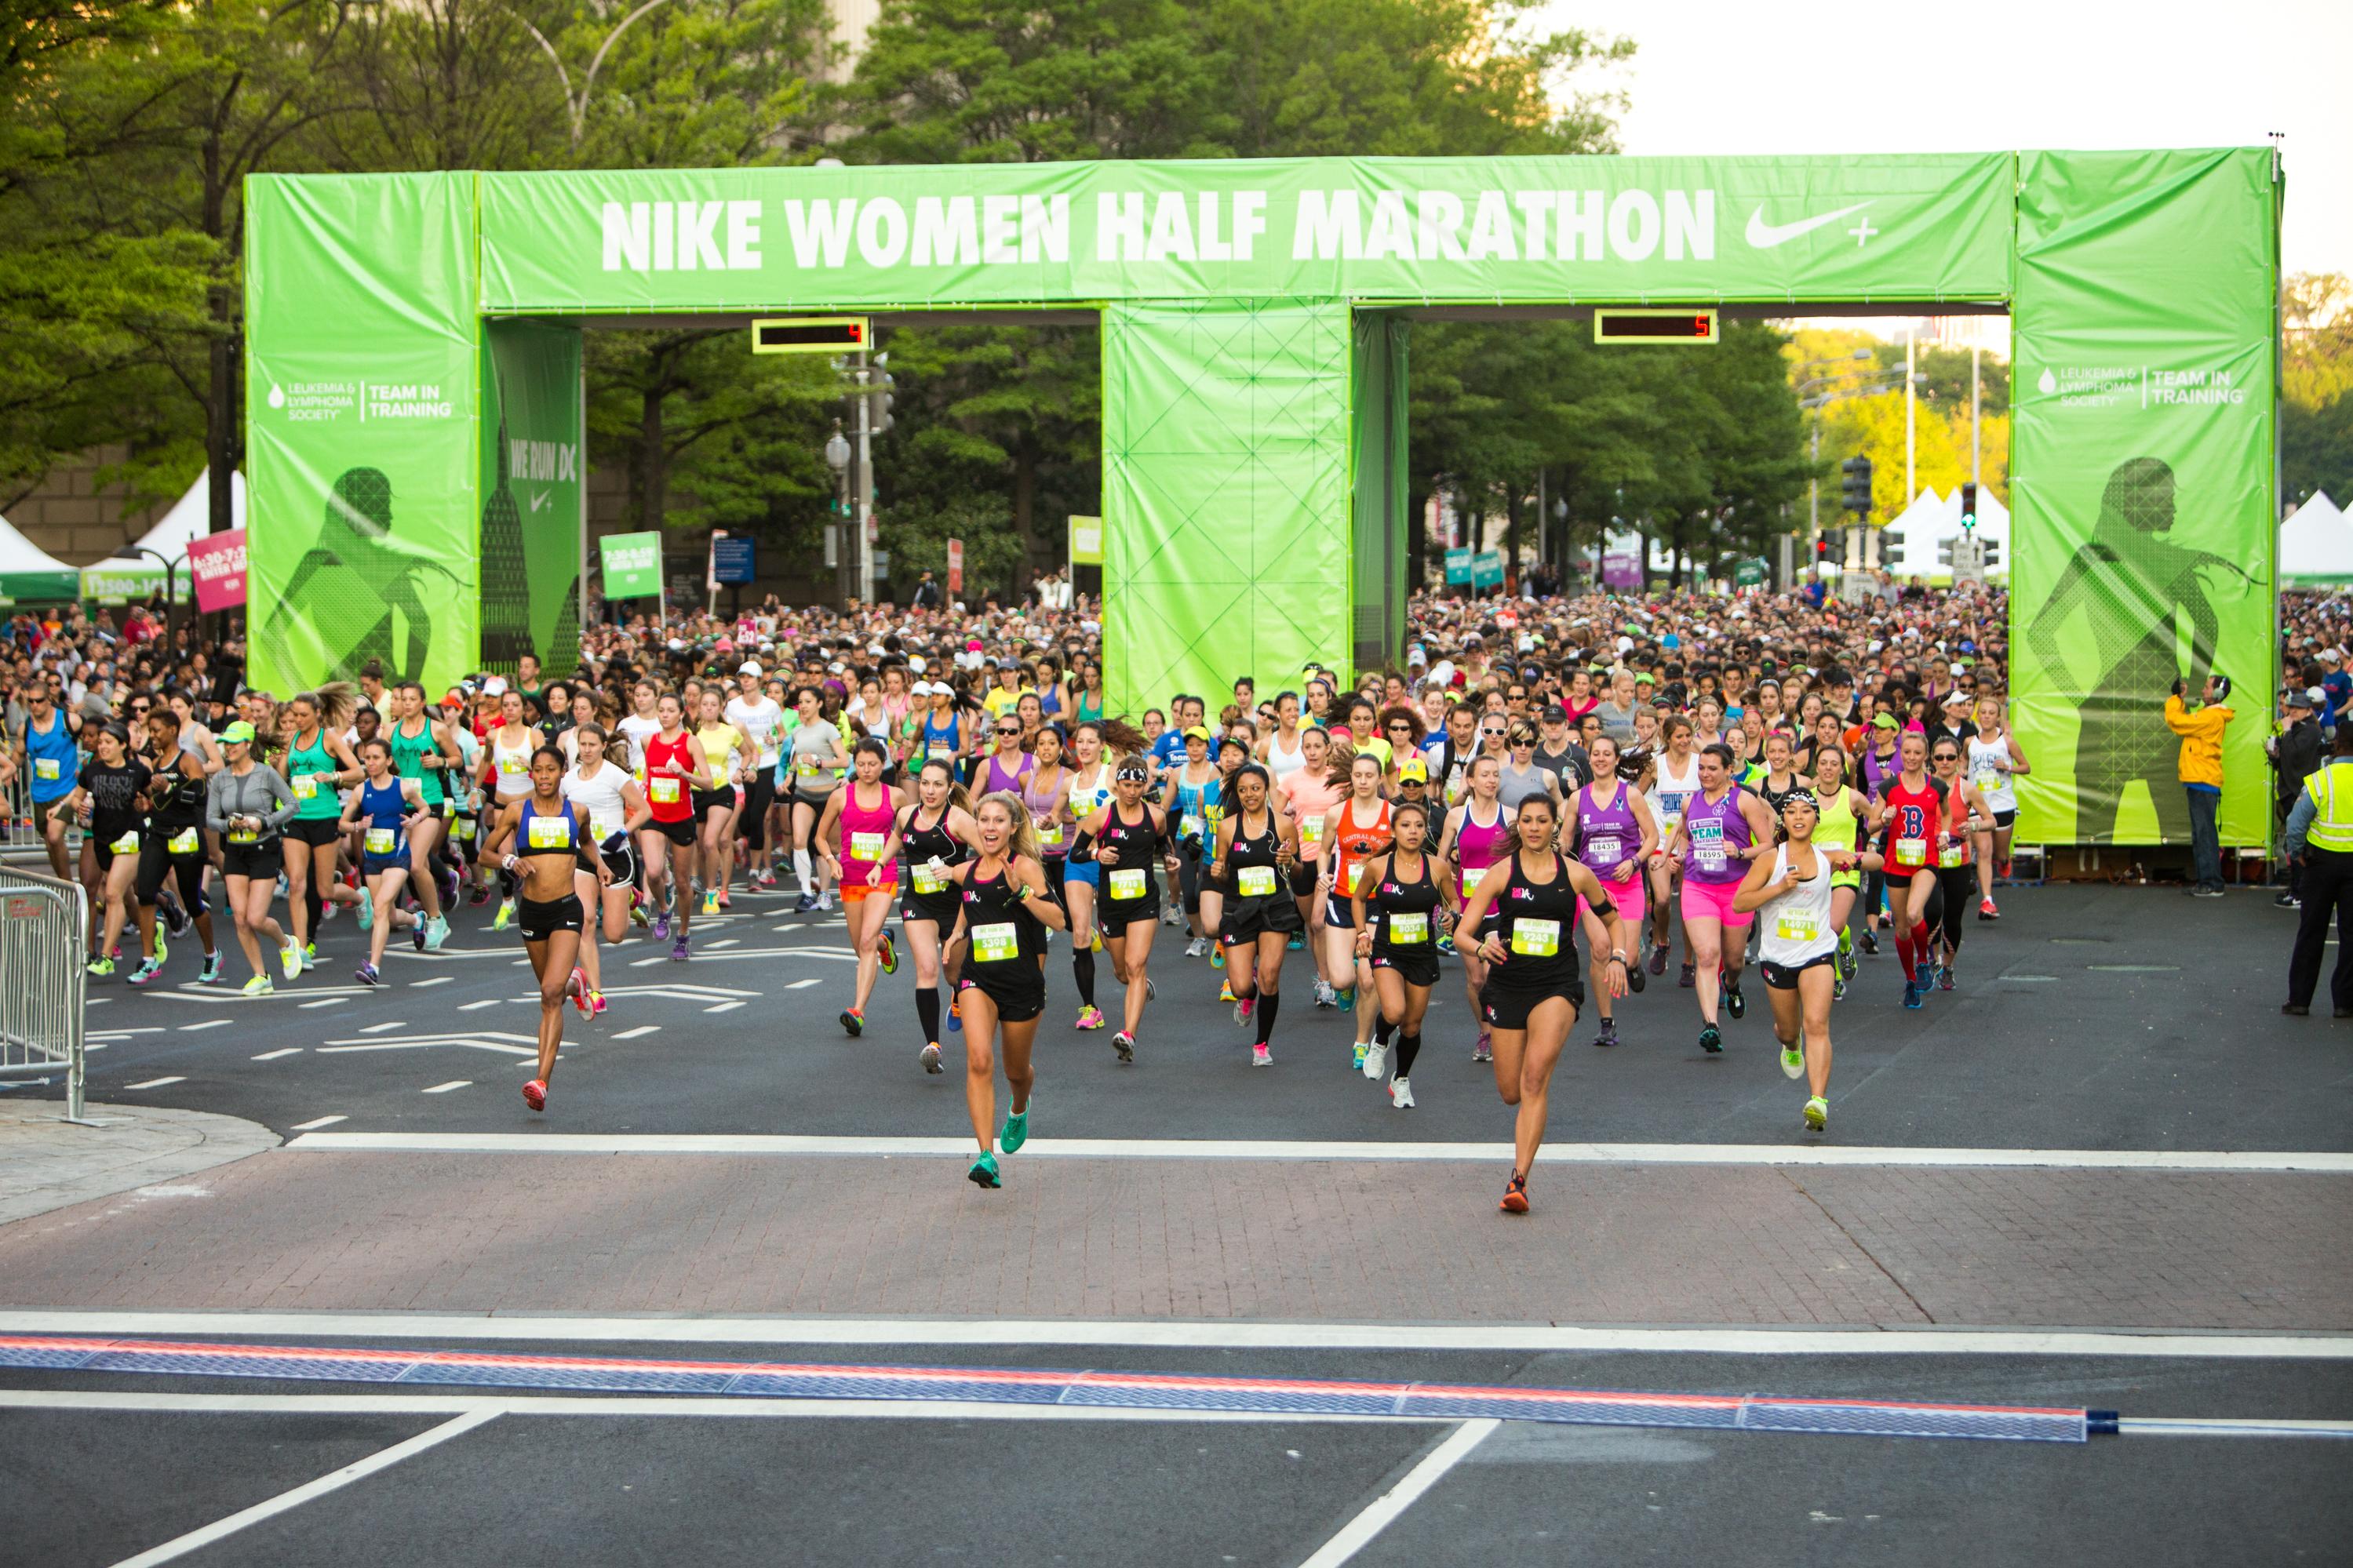 tumblr venta barata profesional Nike Free Run 2016 Para Mujer Maratón Olímpico de moda más barato nB6nnYI1zN